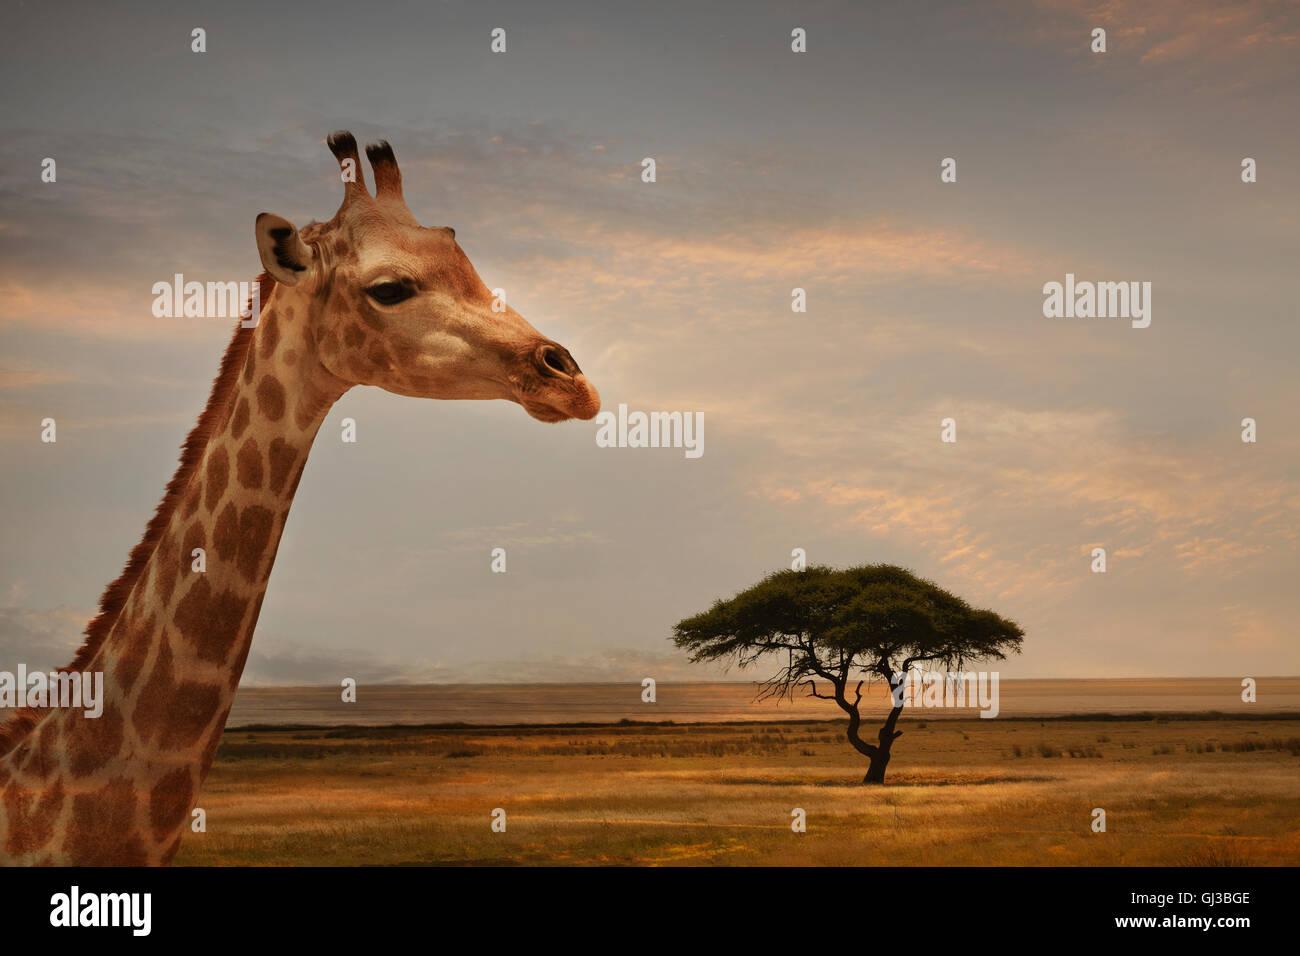 Giraffe at sunset, Etosha National Park, Namibia - Stock Image